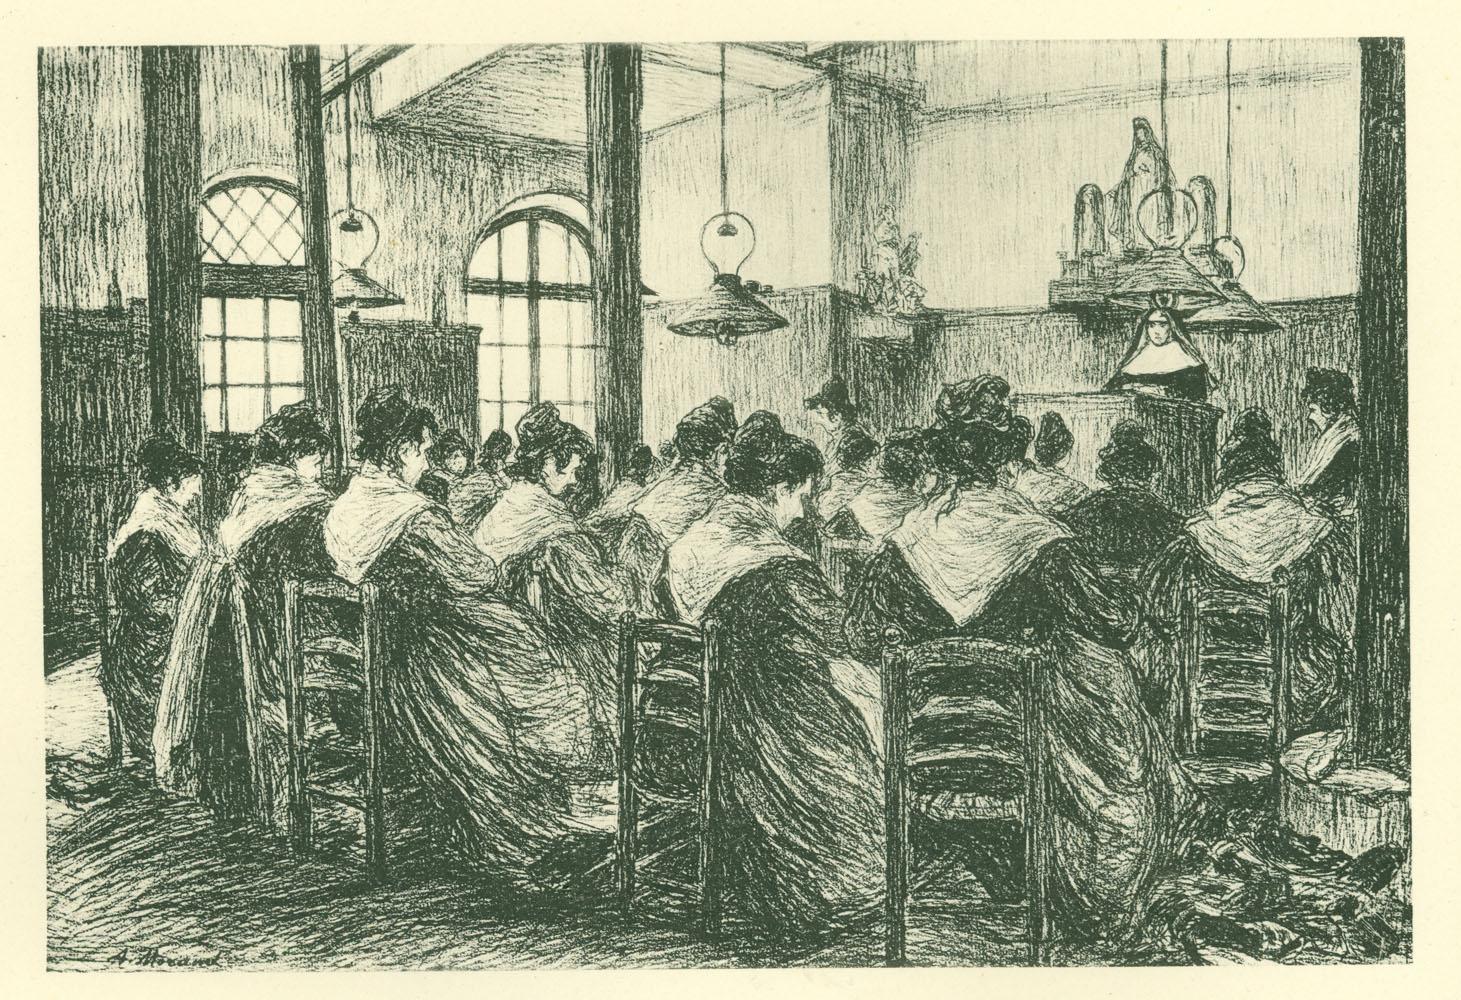 Sewing Workroom